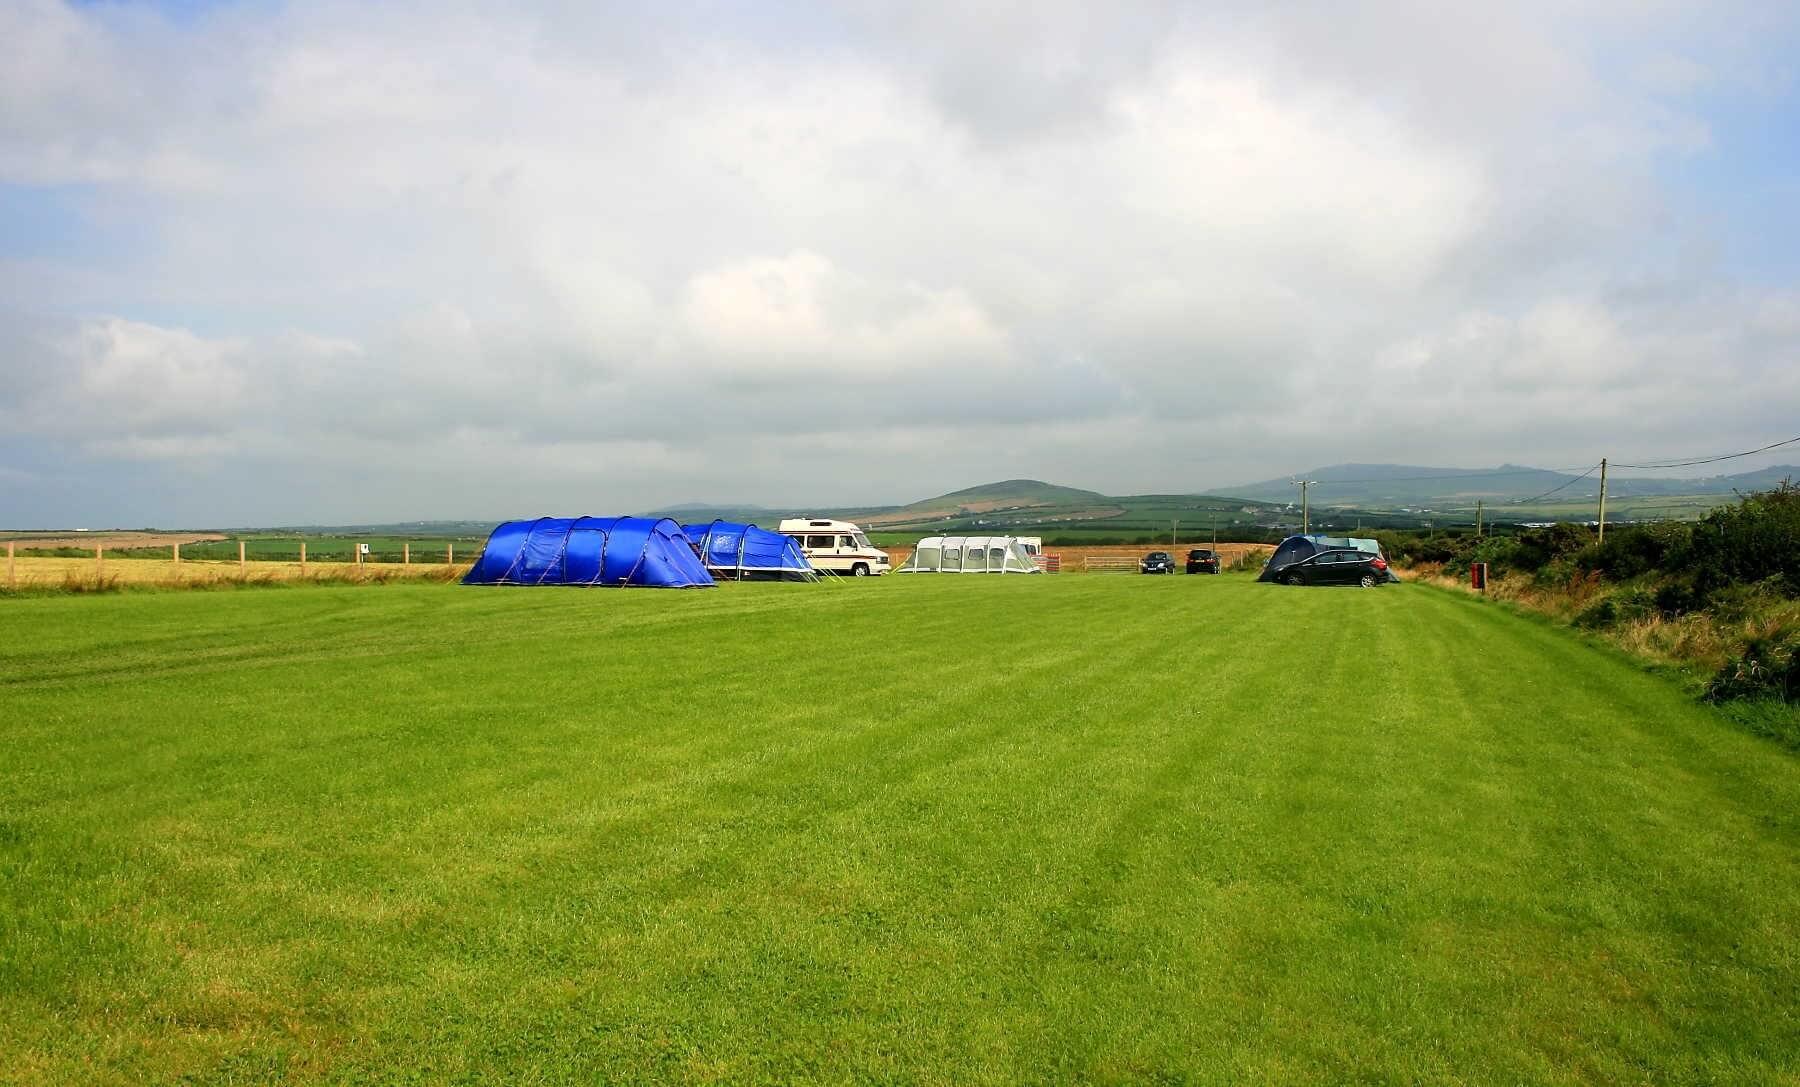 Bwlchgwyn Camp Site, Pwllheli, Gwynedd | Head Outside